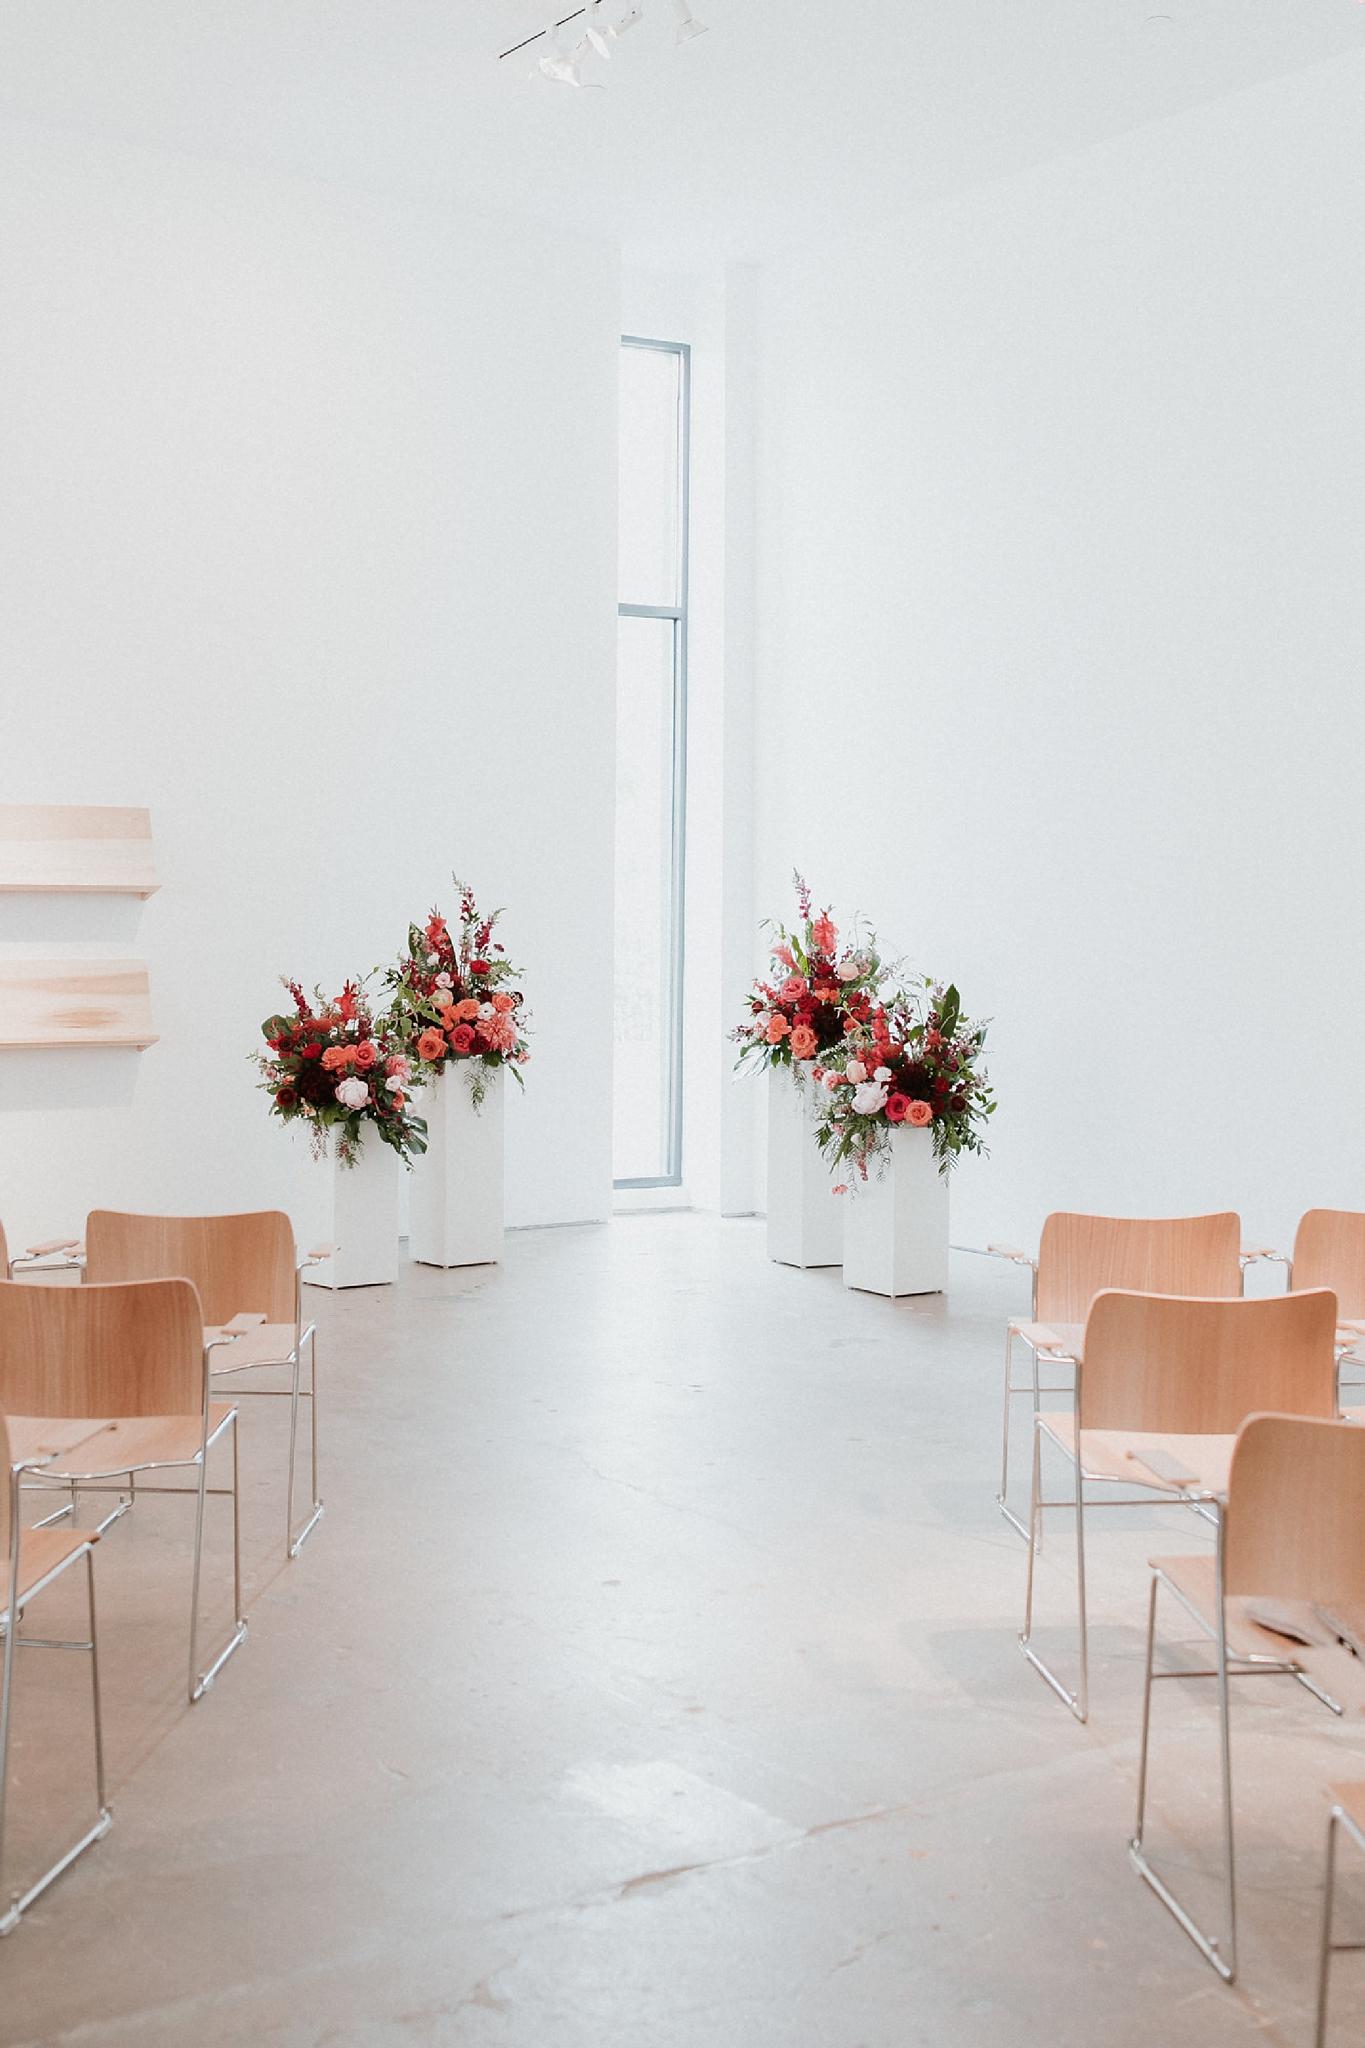 Alicia+lucia+photography+-+albuquerque+wedding+photographer+-+santa+fe+wedding+photography+-+new+mexico+wedding+photographer+-+wedding+ceremony+-+wedding+alter+-+floral+alter_0029.jpg